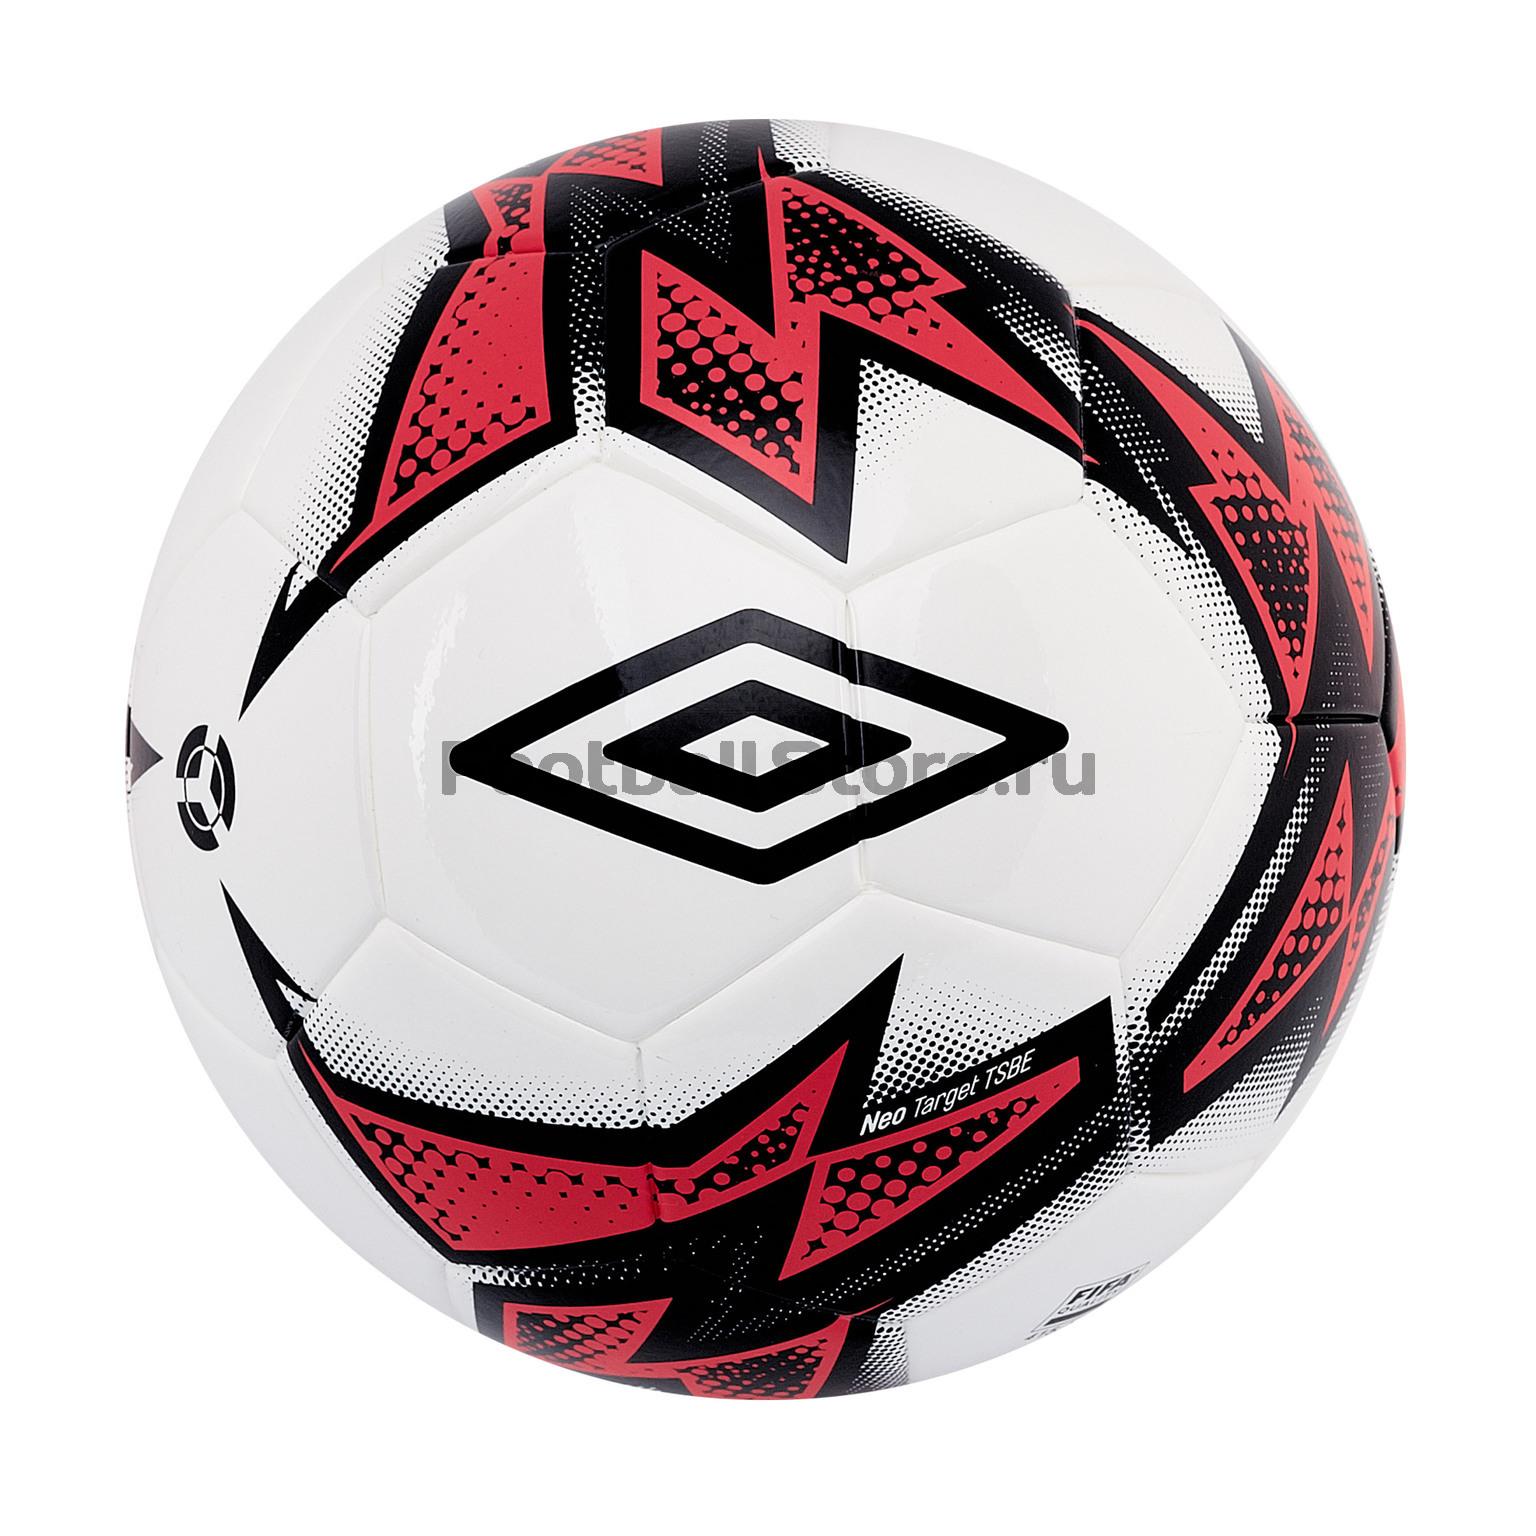 Футбольный мяч Umbro Neo Target 20863U мяч футбольный любительский р 5 umbro veloce supporter 20808u stt